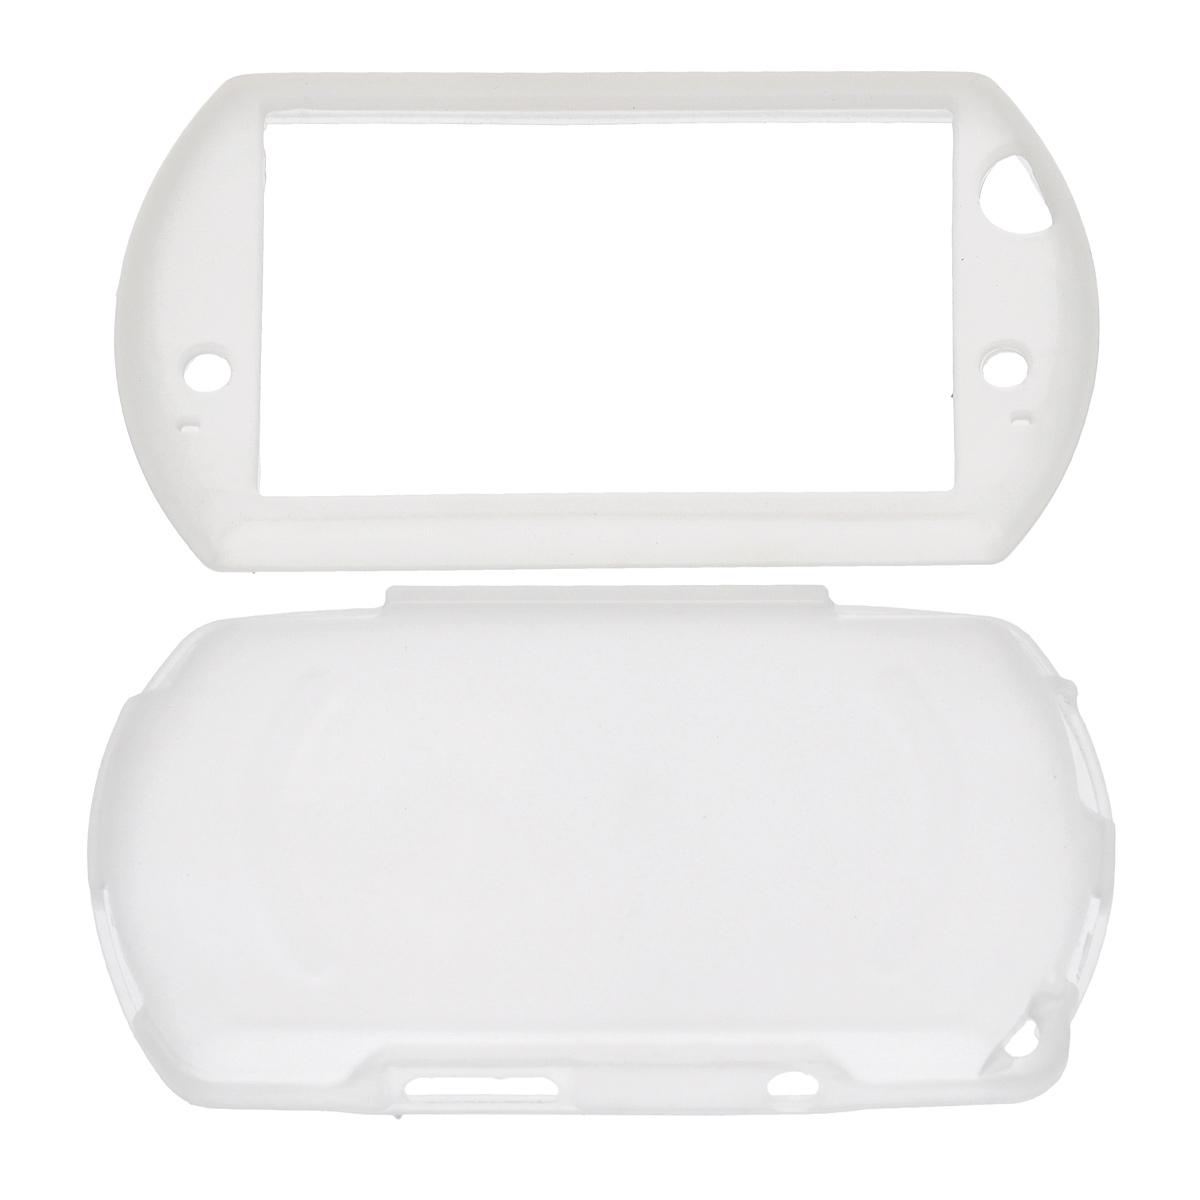 Силиконовый чехол Silicon Sleeve для PSP GoPSPGO-Y048Силиконовый чехол Silicon Sleeve для PSP Go надежно защитит вашу консоль от царапин и сколов. Конструкция обеспечивает свободный доступ ко всем кнопкам управления, не закрывая разъем карты памяти и аудио выхода. Чехол отлично держится в руках, не скользит.